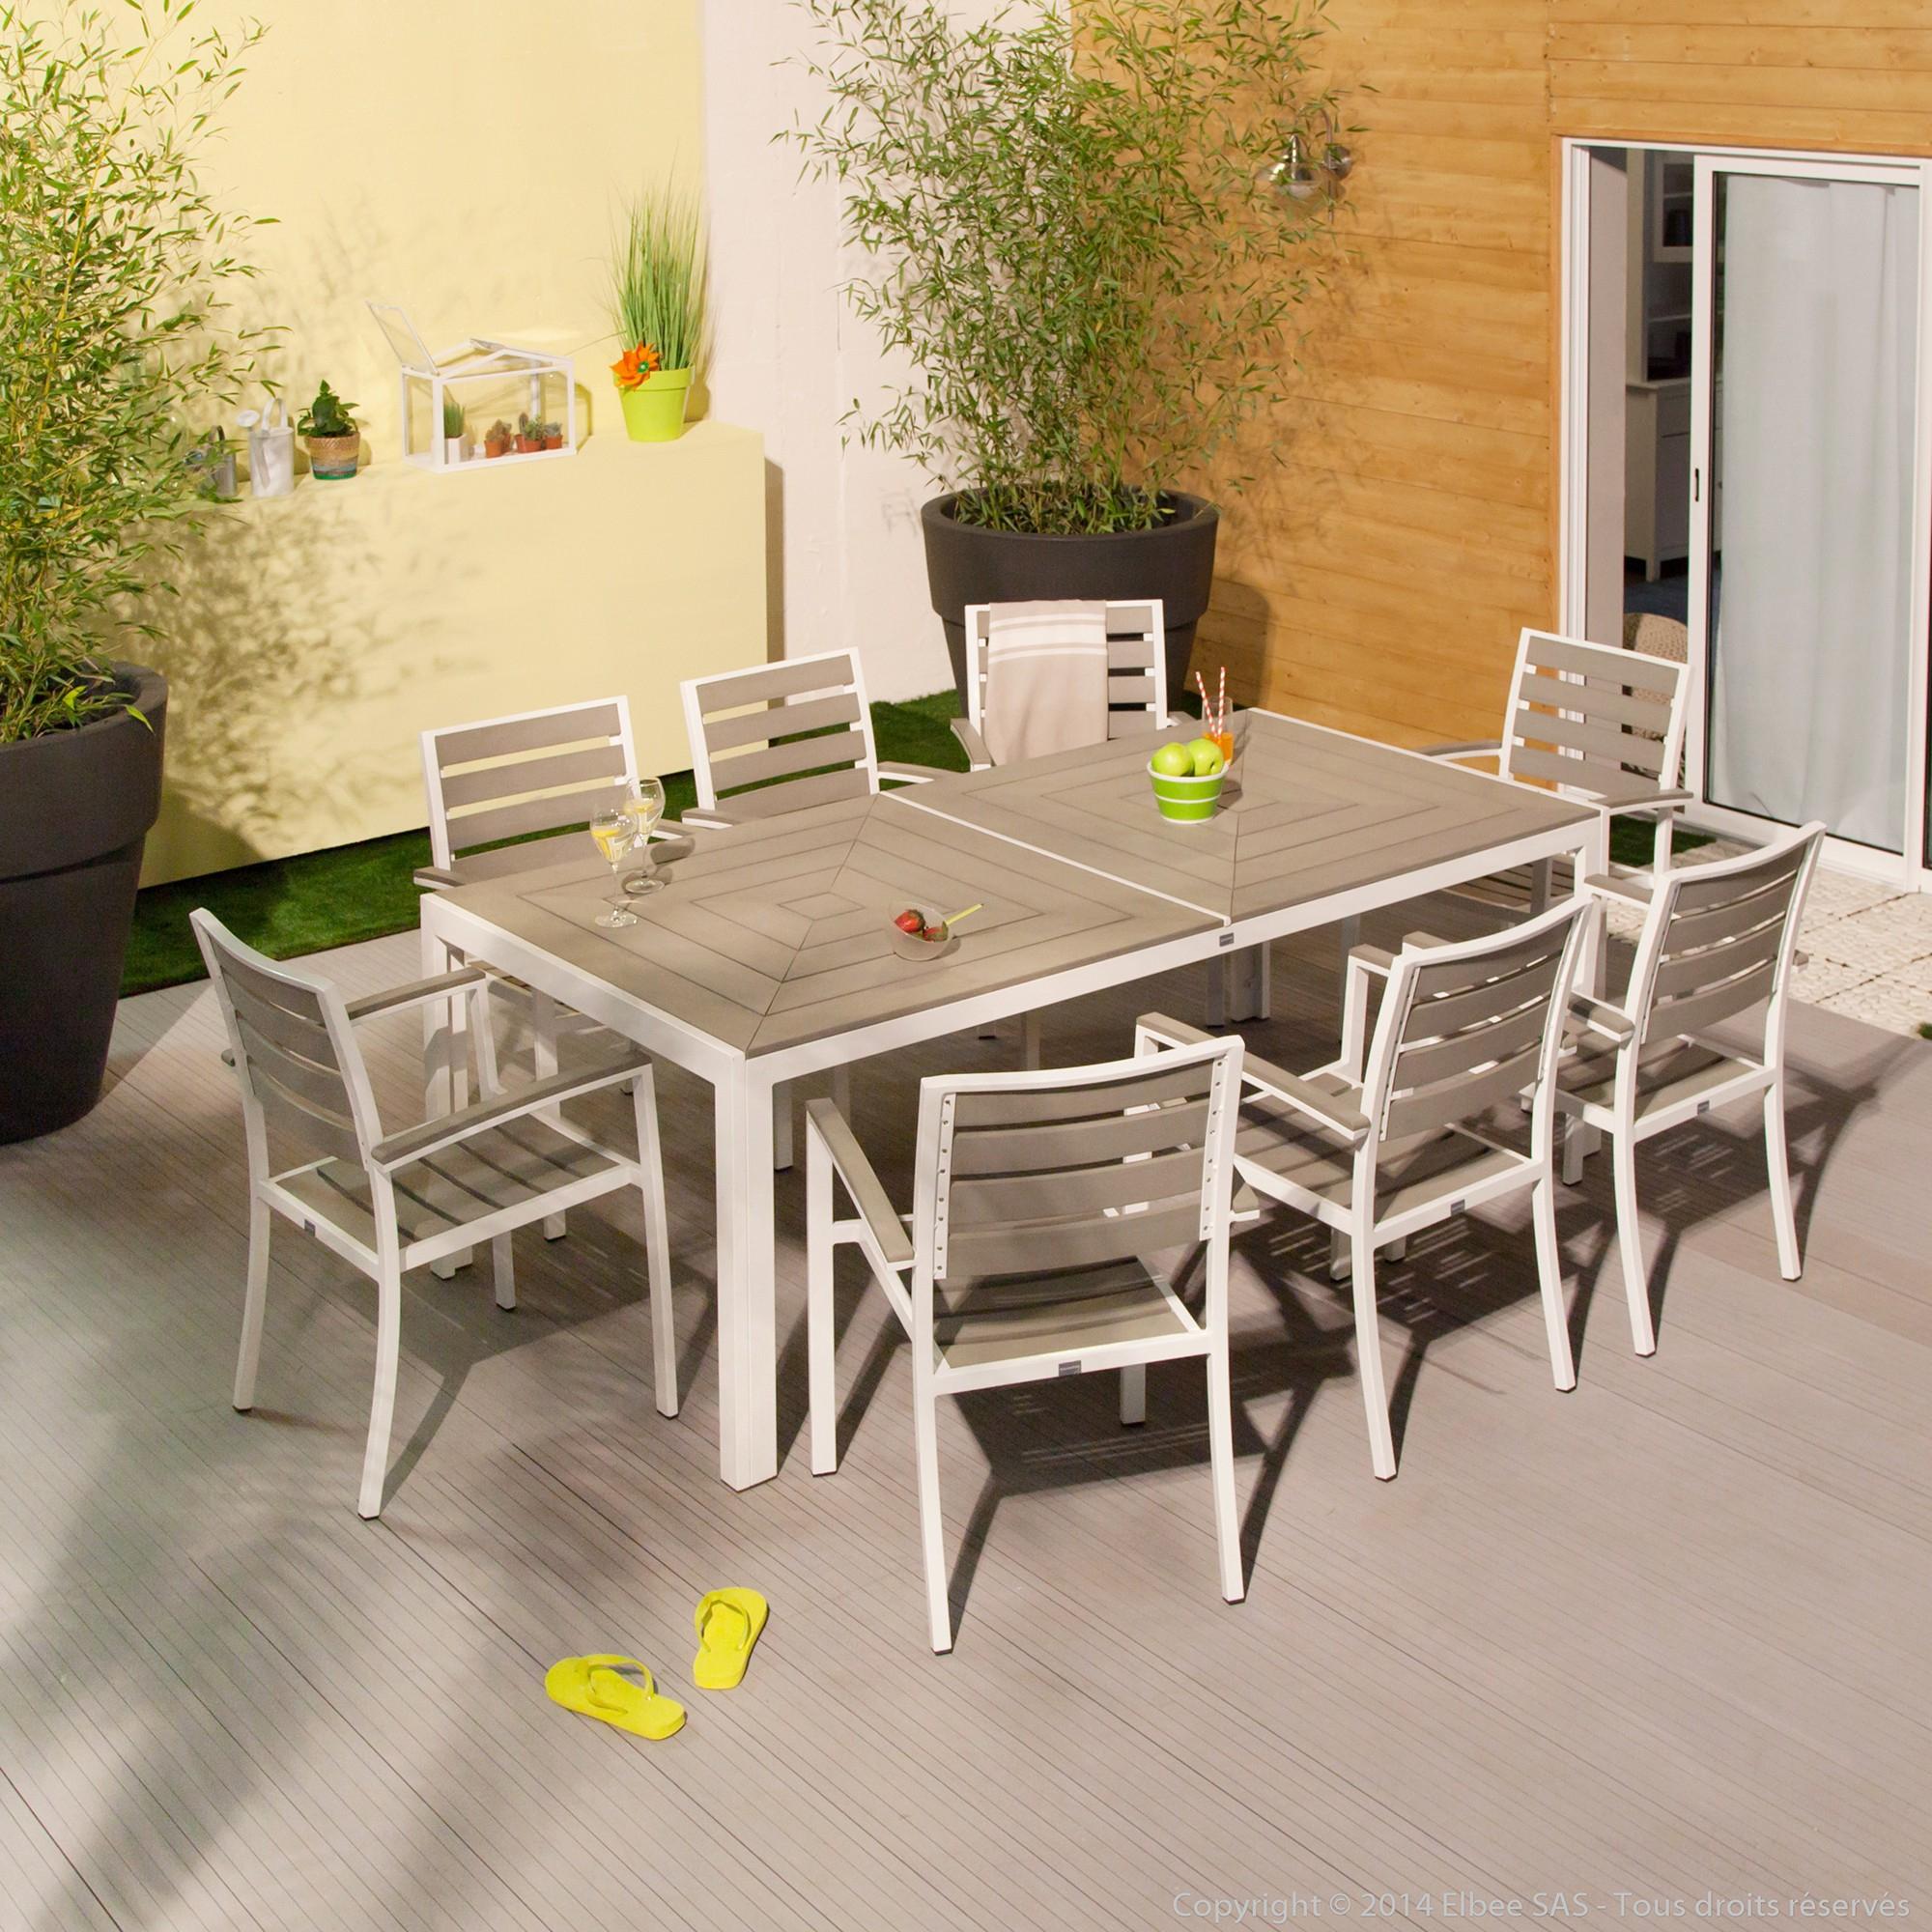 Table De Jardin Plastique Leclerc Frais Image Search Results Meubles Jardin Chez Leclerc Meilleur Design soldes